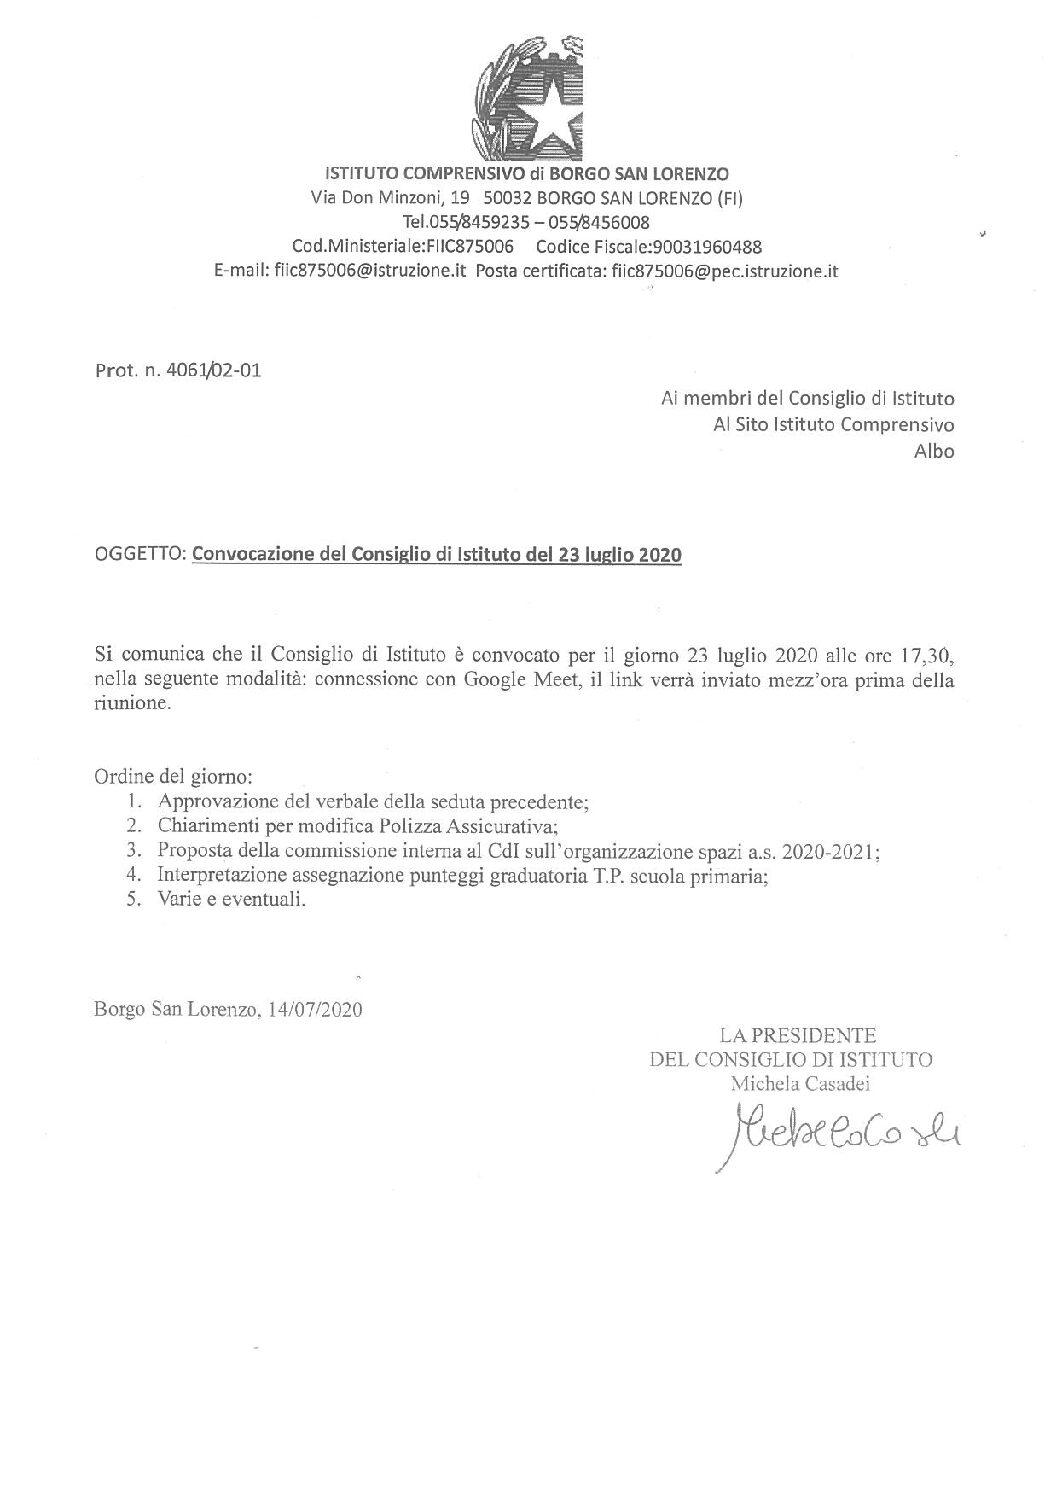 CONVOCAZIONE DEL CONSIGLIO DI ISTITUTO DEL 23 LUGLIO 2020